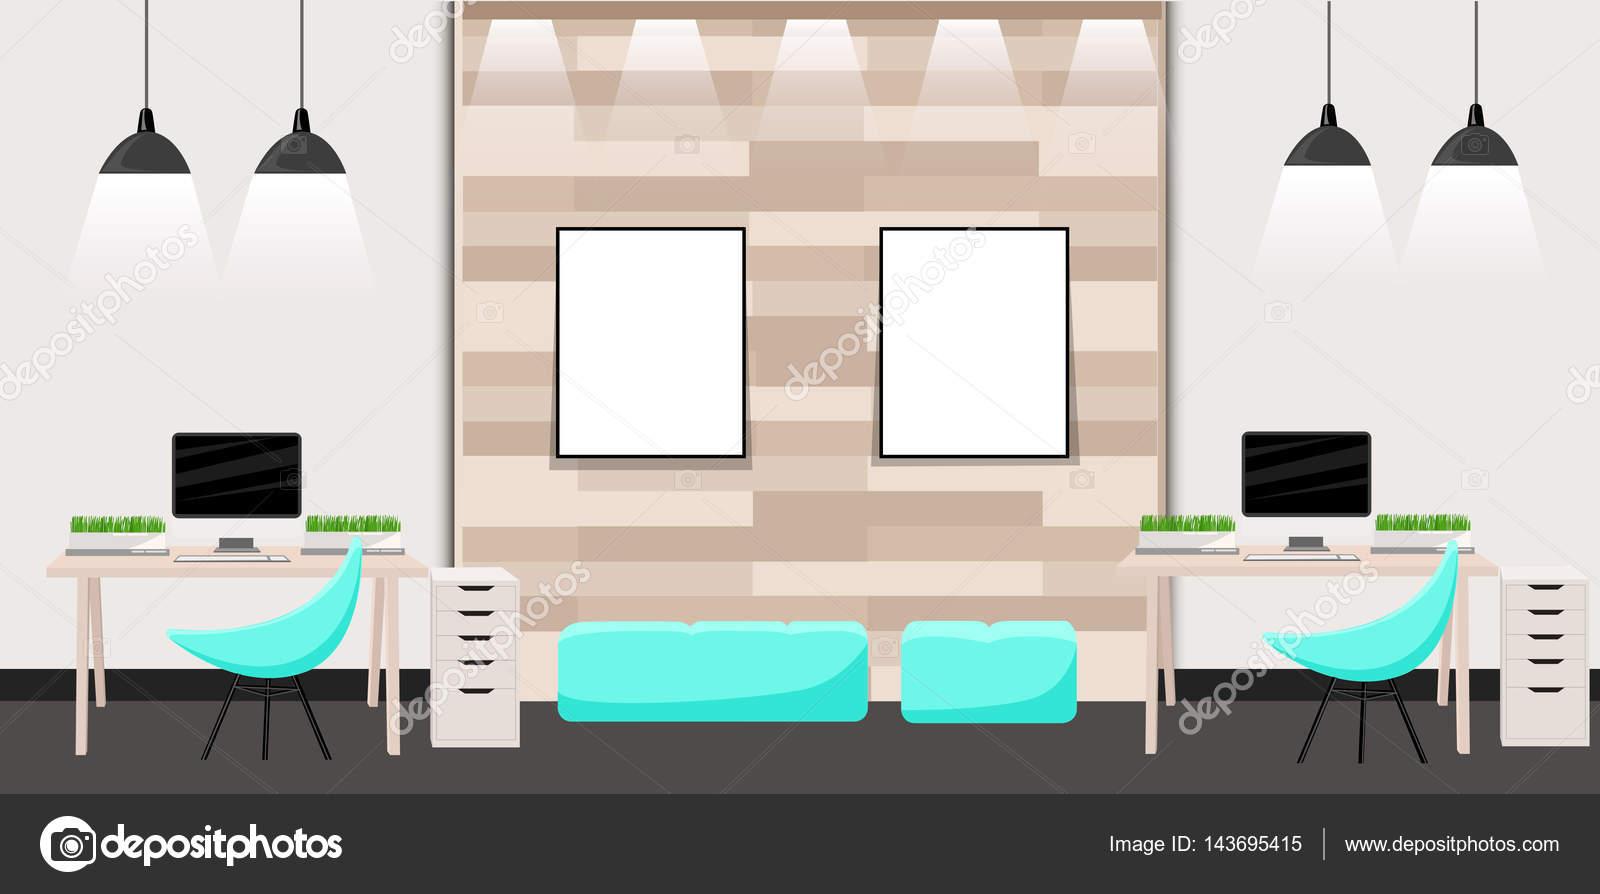 Werken plaats moderne interieur flat design vector illustratie